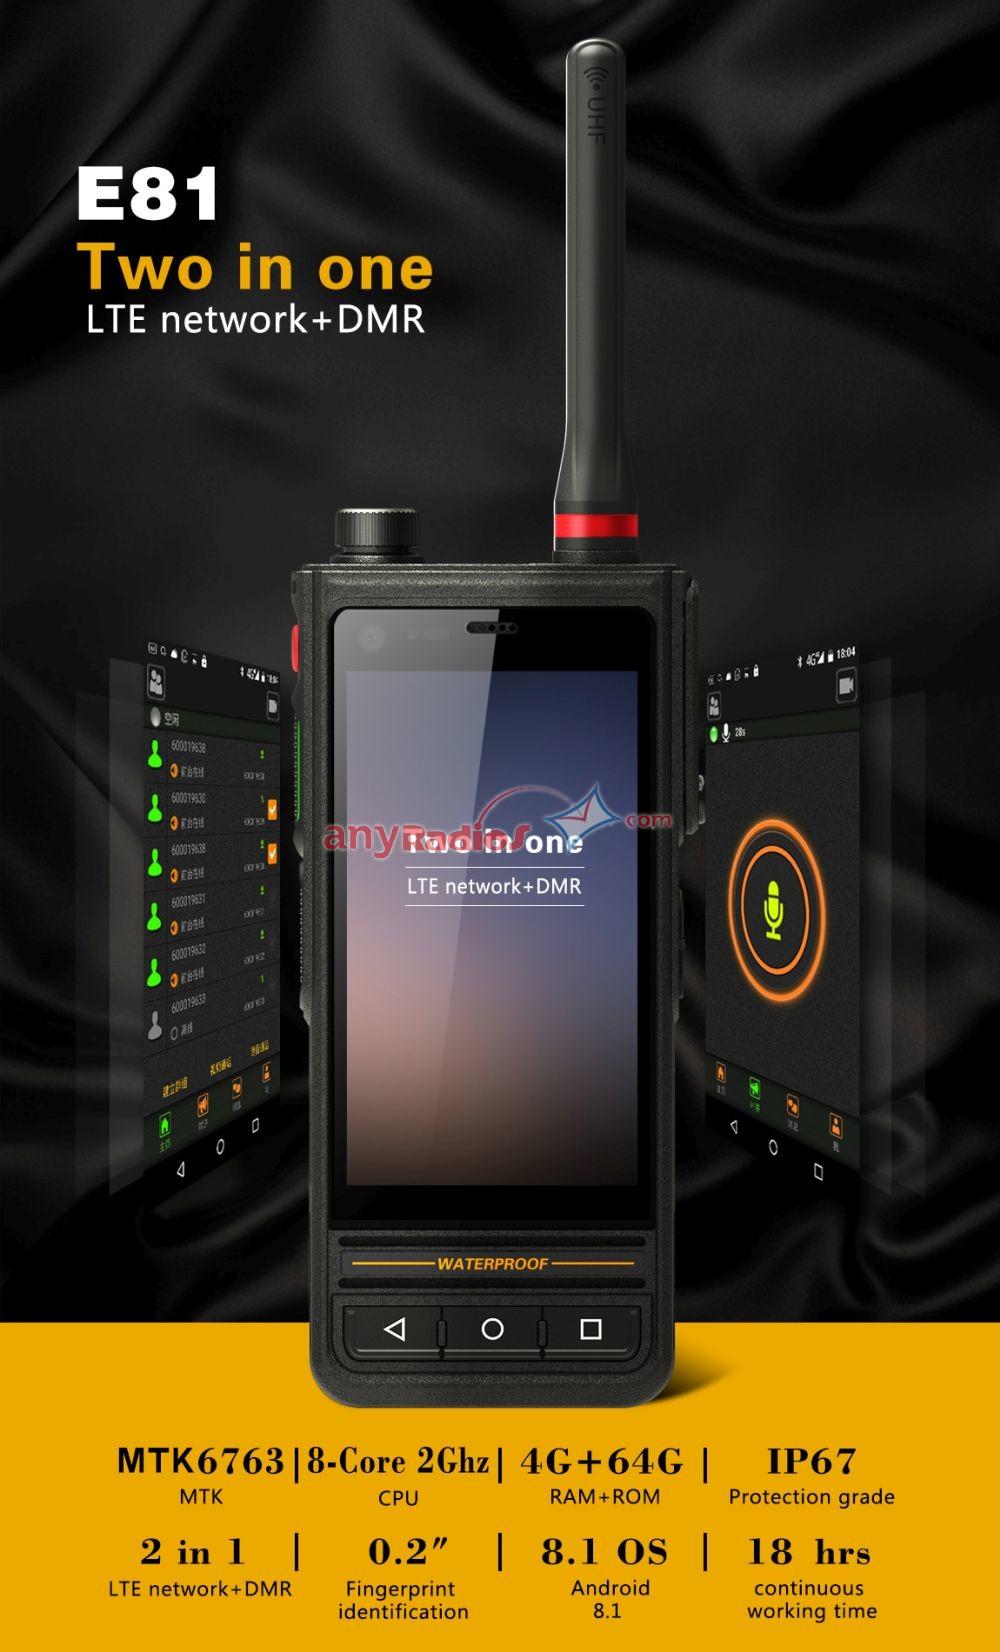 Runbo E81 4G LTE Ip67 Waterproof Rugged UHF VHF Police DMR Smartphone